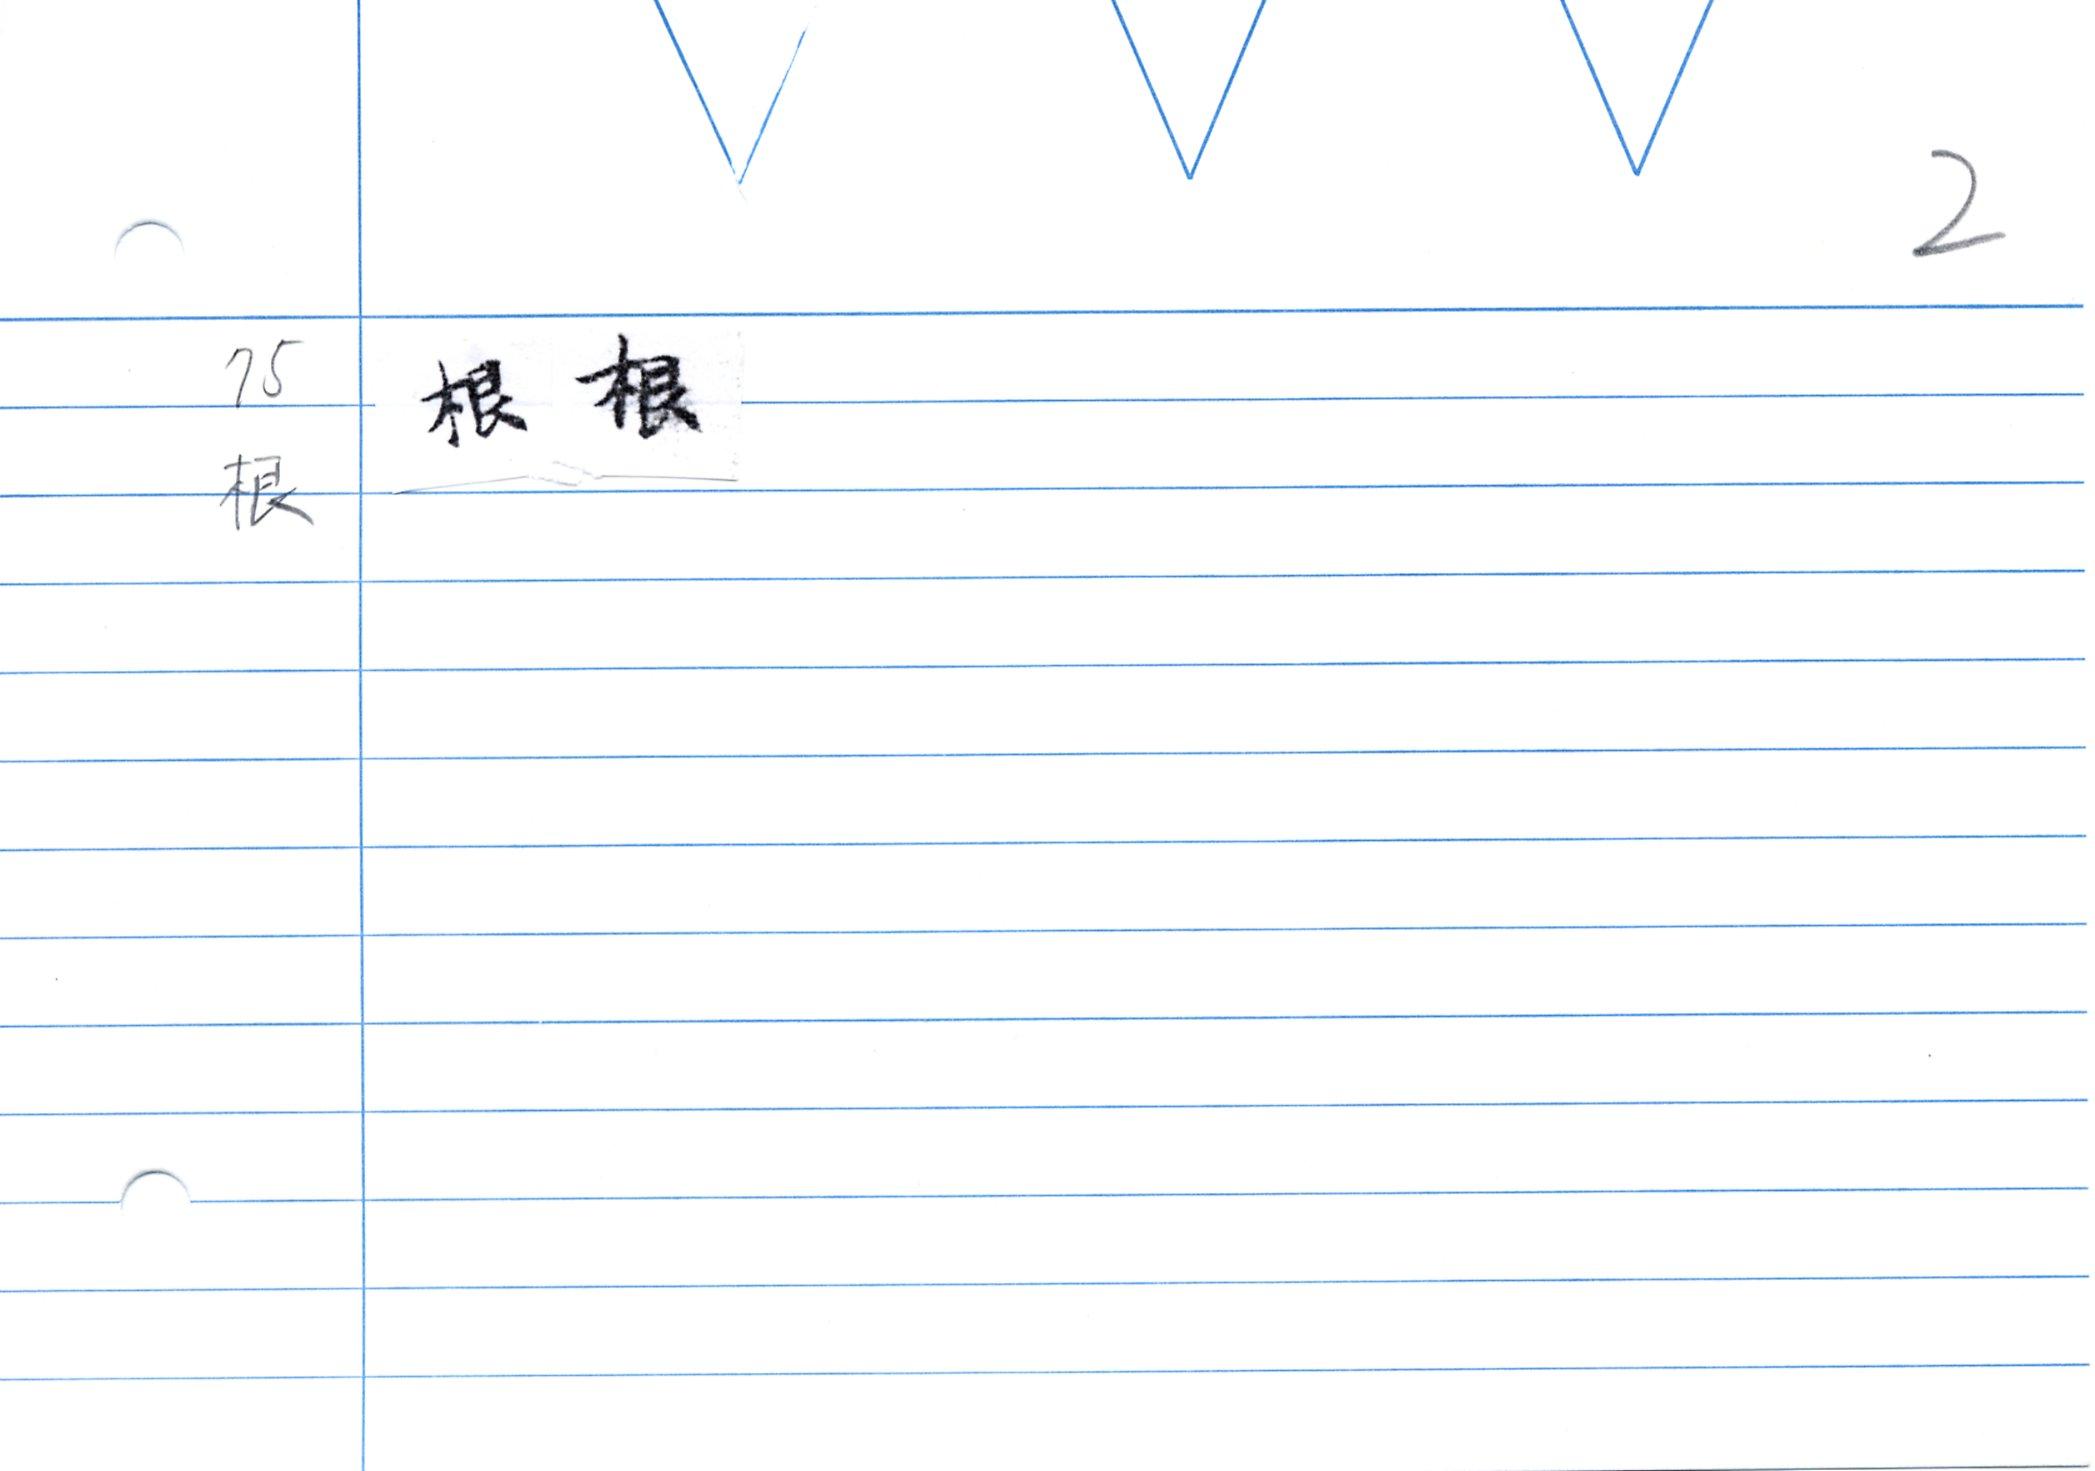 54_大般若經卷二百五十(和銅經)/cards/0123.JPG